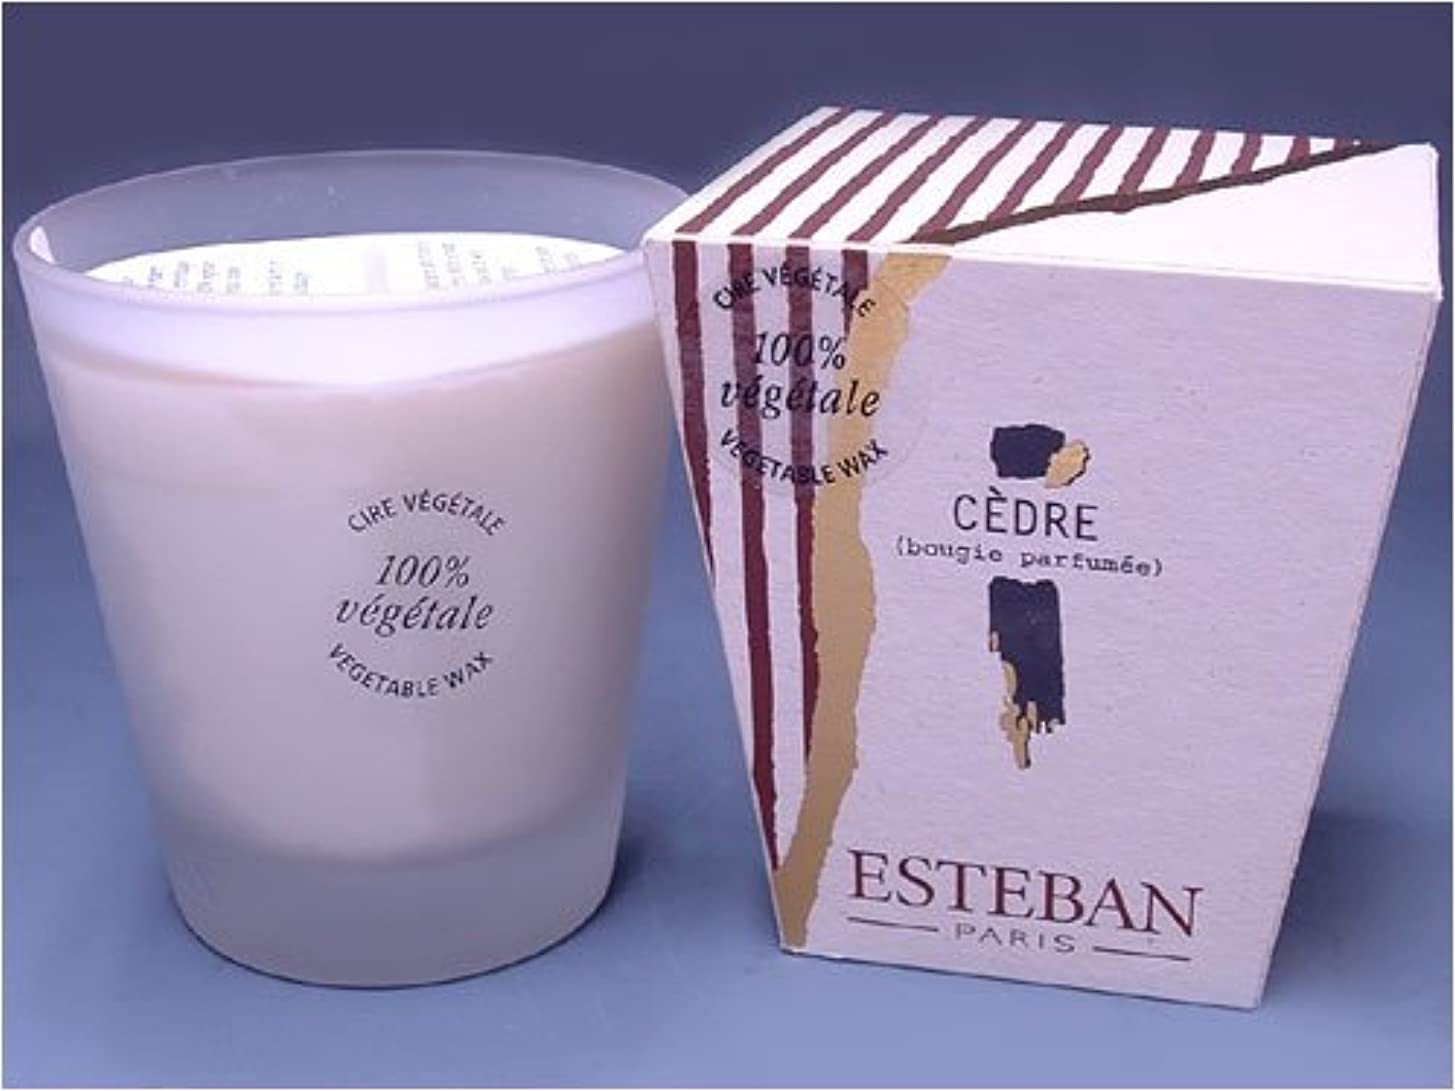 太鼓腹約束するランプESTEBAN(エステバン) creation Miller et Bertaux フロストキャンドル 480g 「セダー -CEDRE-」 4902125534063